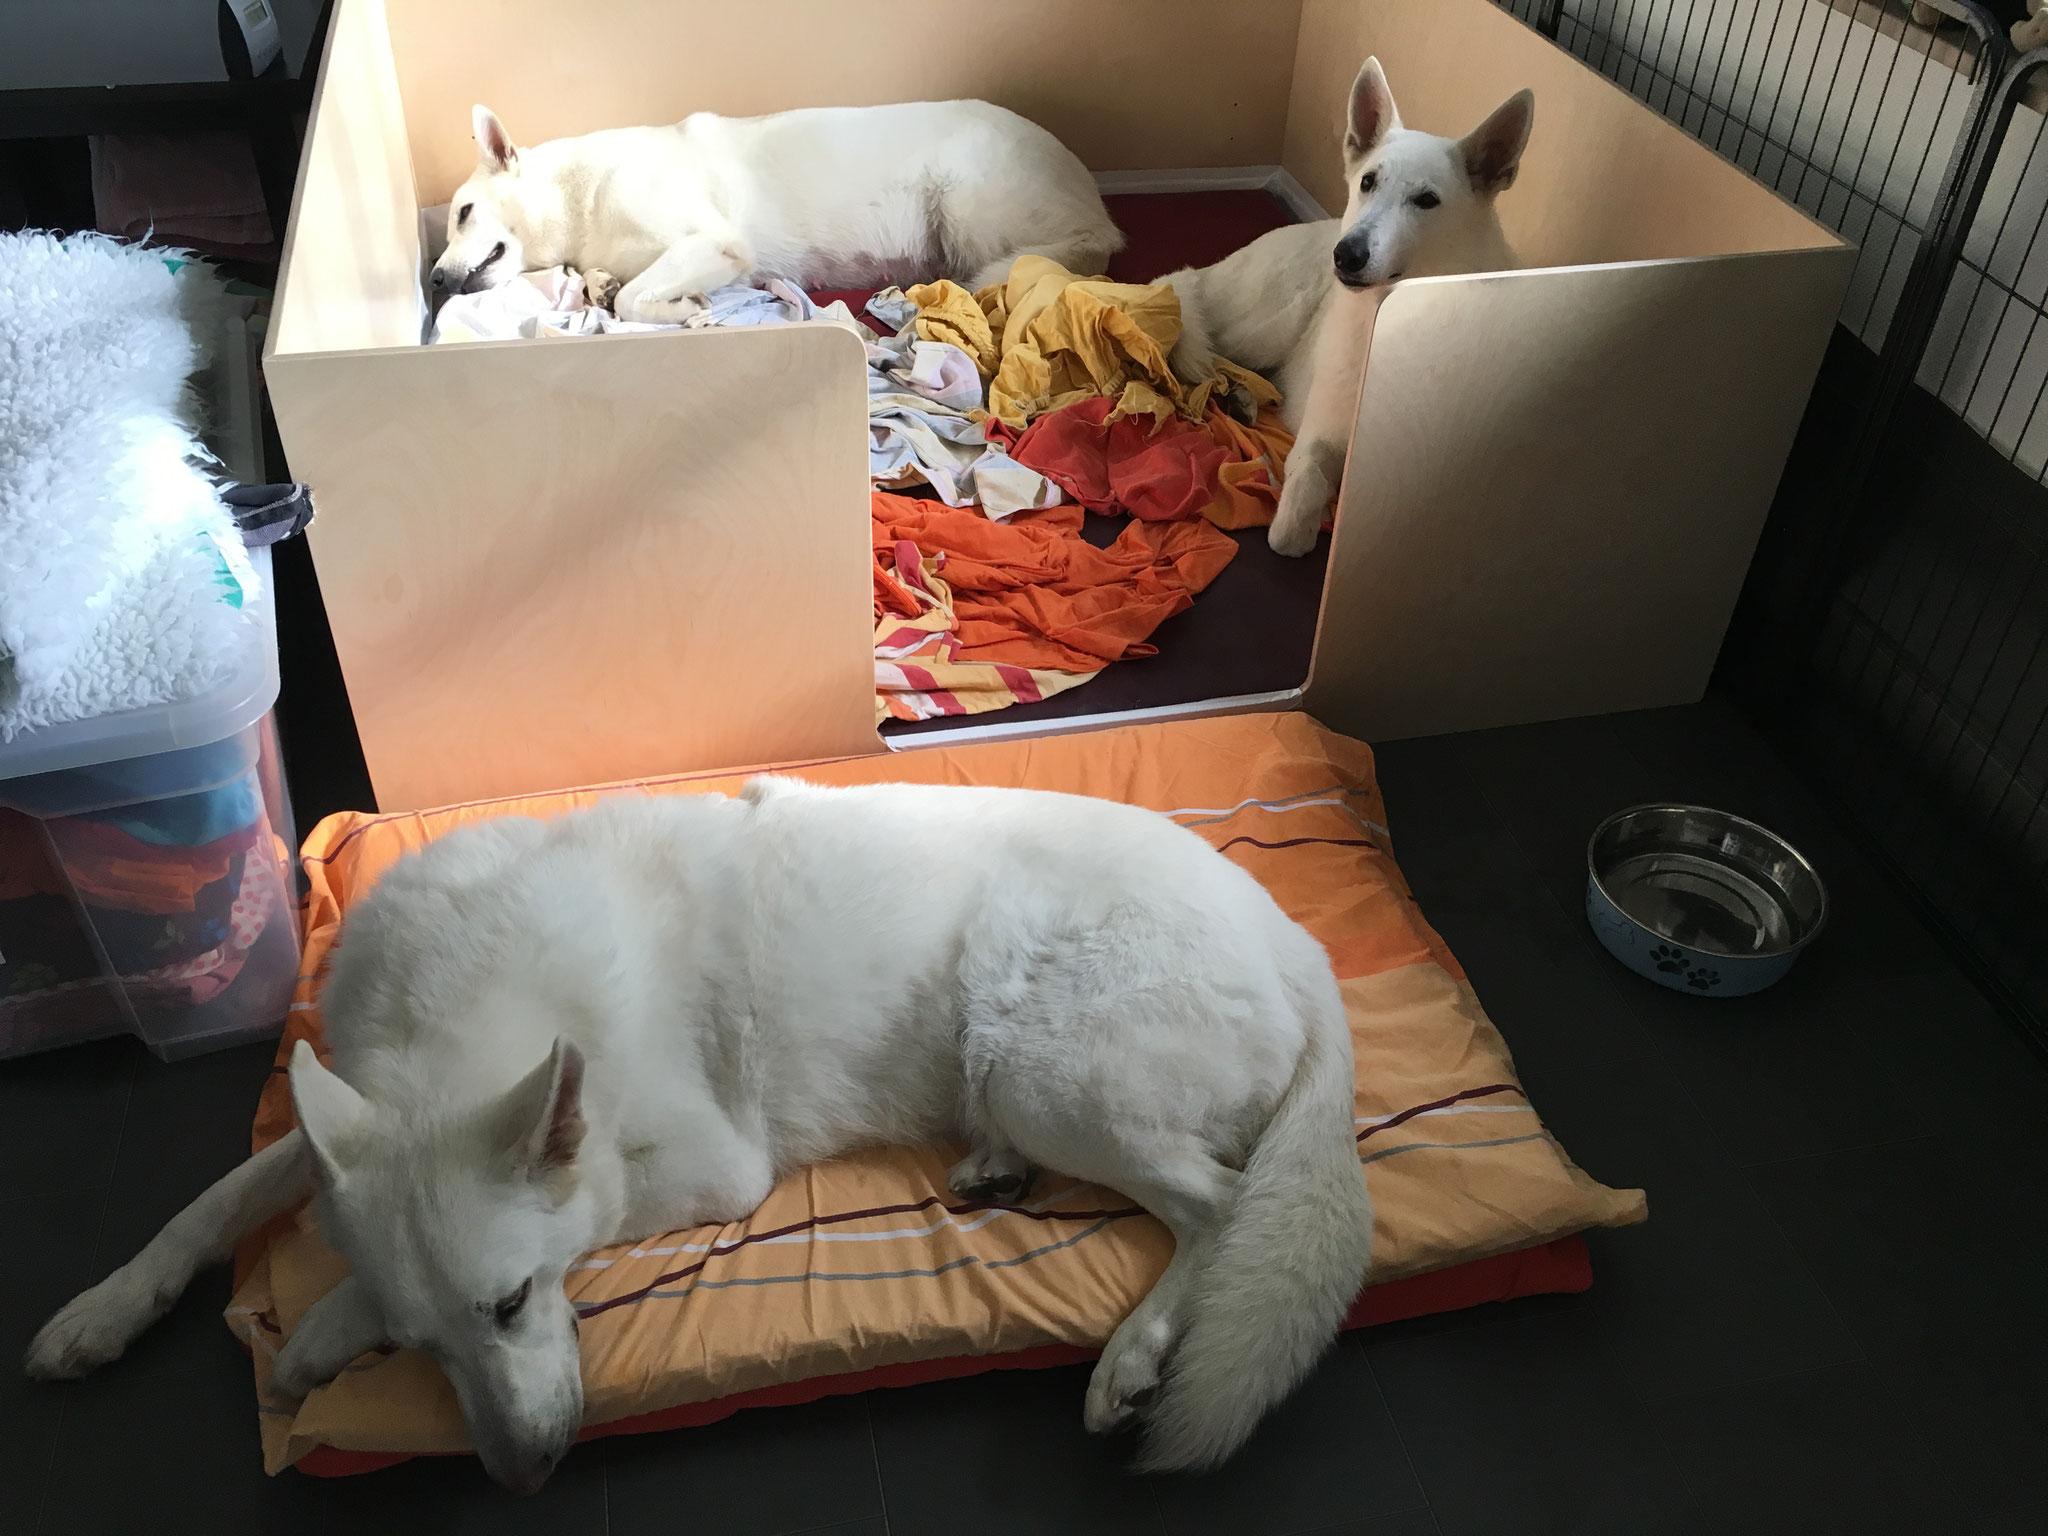 Die Familie bereitet sich auf das Großereignis vor, Milka und ihre Mama in der Kiste, Gaia wacht davor